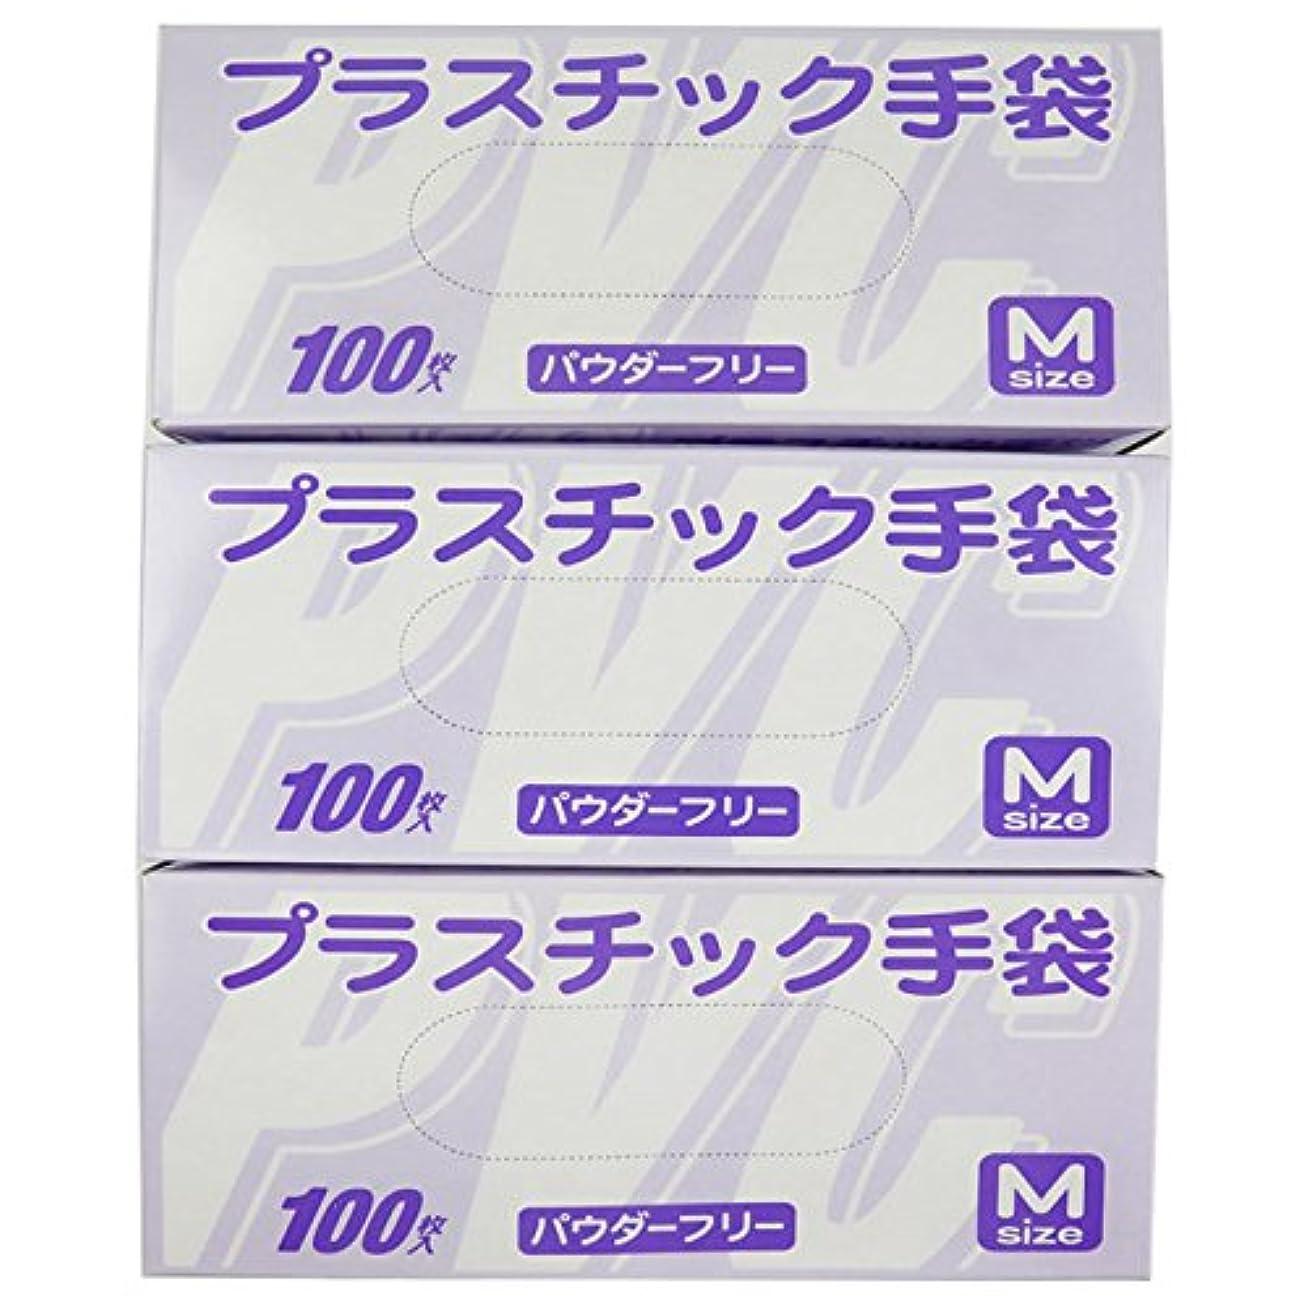 余裕がある岩最も遠い【お得なセット商品】使い捨て手袋 プラスチックグローブ 粉なし Mサイズ 100枚入×3個セット 超薄手 100422